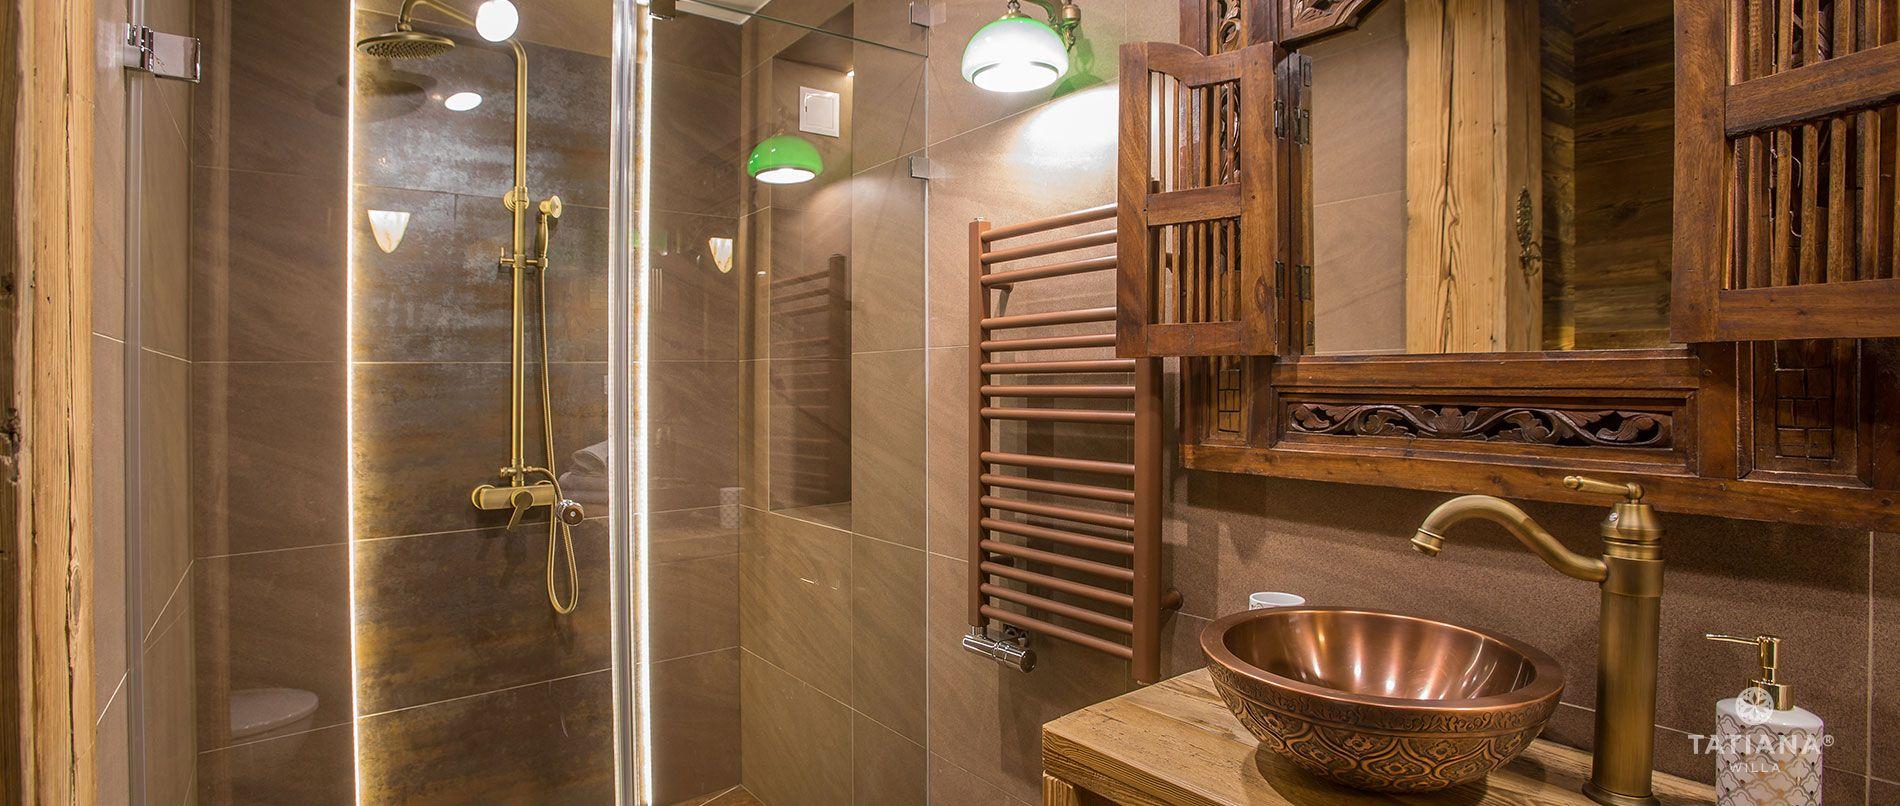 Apartament Karpacki- łazienka